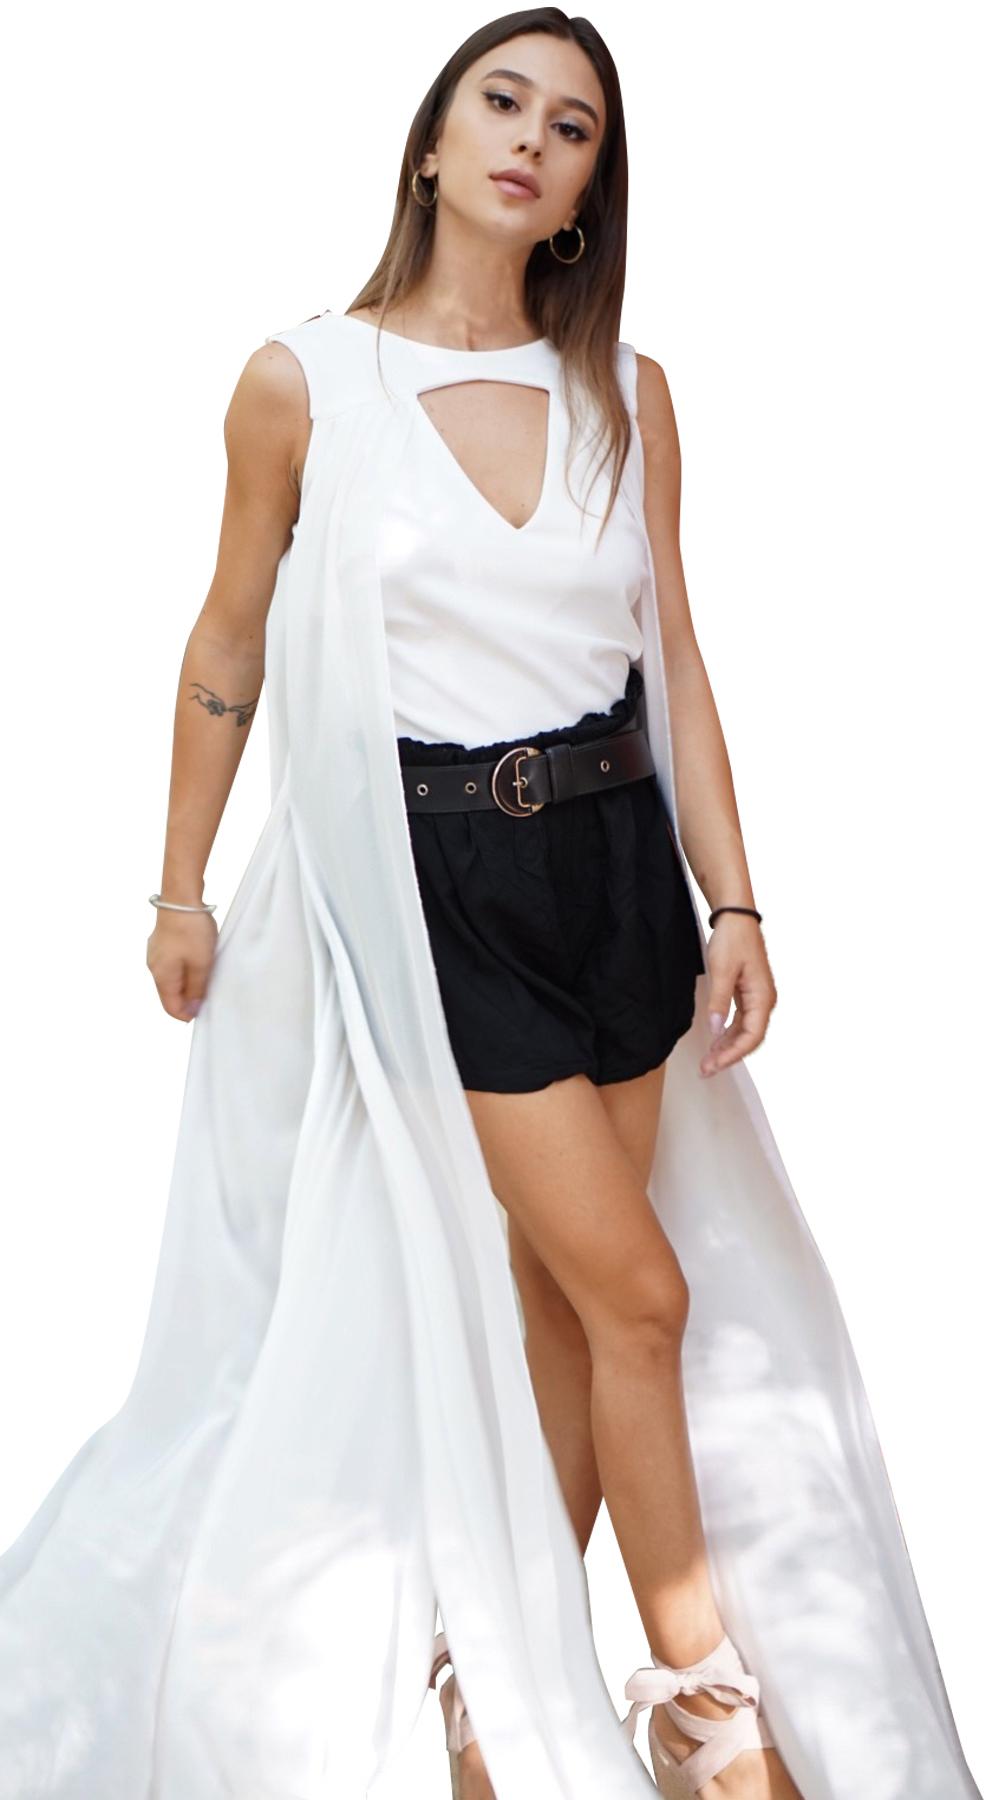 Γυναικείο statement τοπ με μουσελίνα - OEM - FA17LV-404532000 μπλούζες   t shirts elegant tops